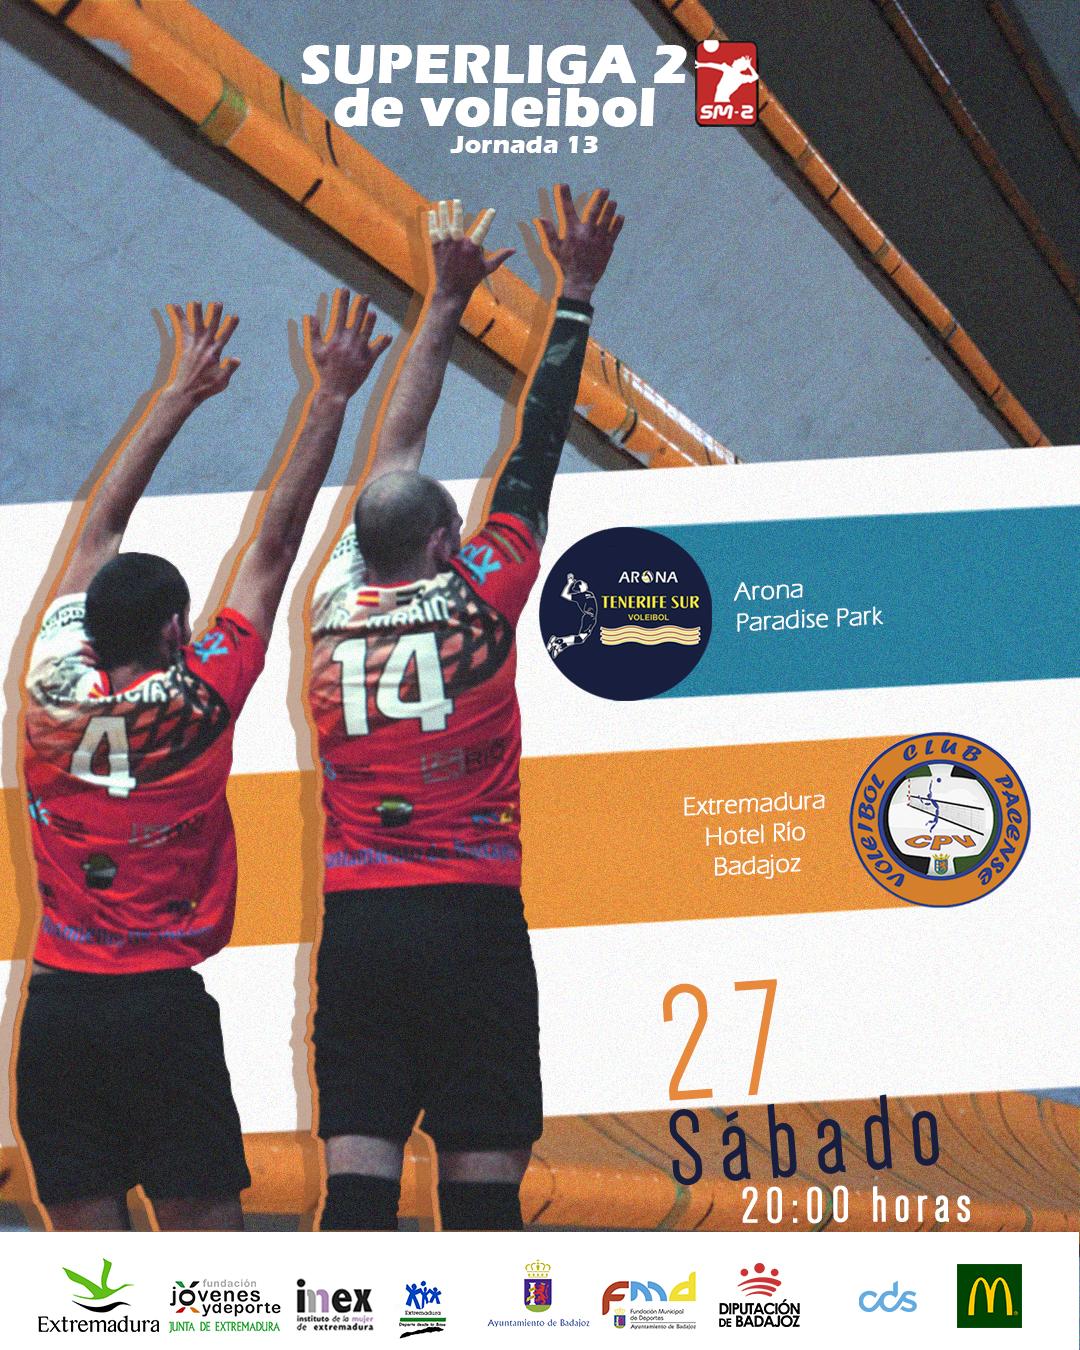 El Extremadura Hotel Río Badajoz busca la victoria fuera de la península